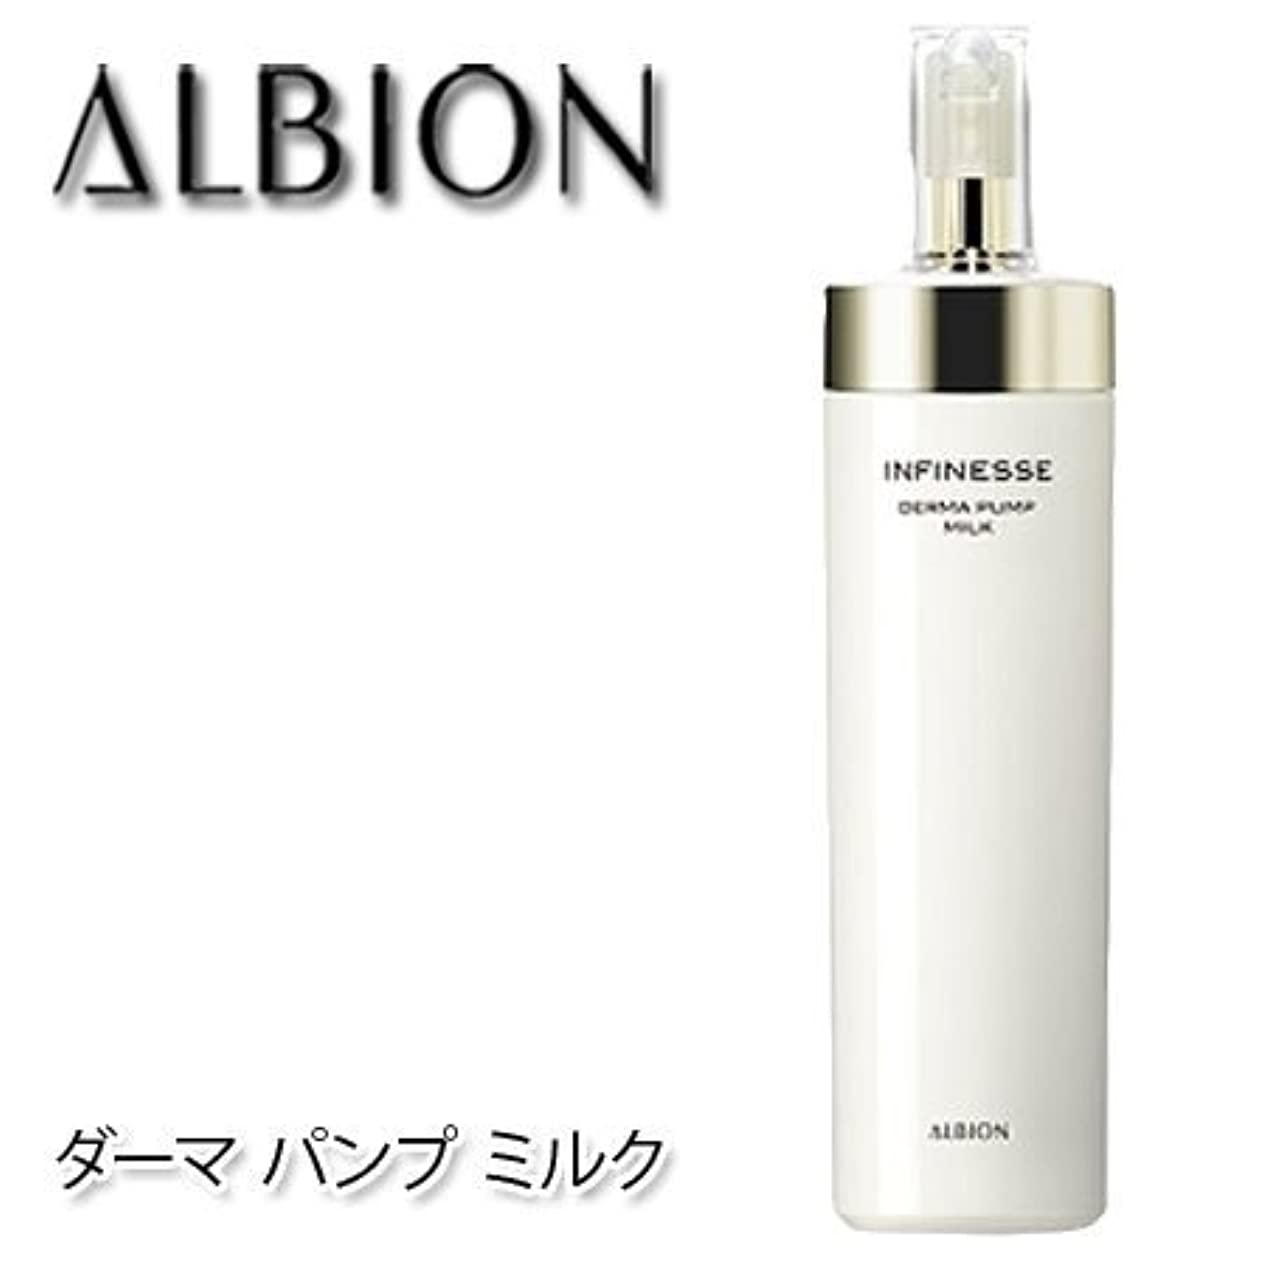 写真を描く悪党緩めるアルビオン アンフィネス ダーマ パンプ ミルク 200g-ALBION-